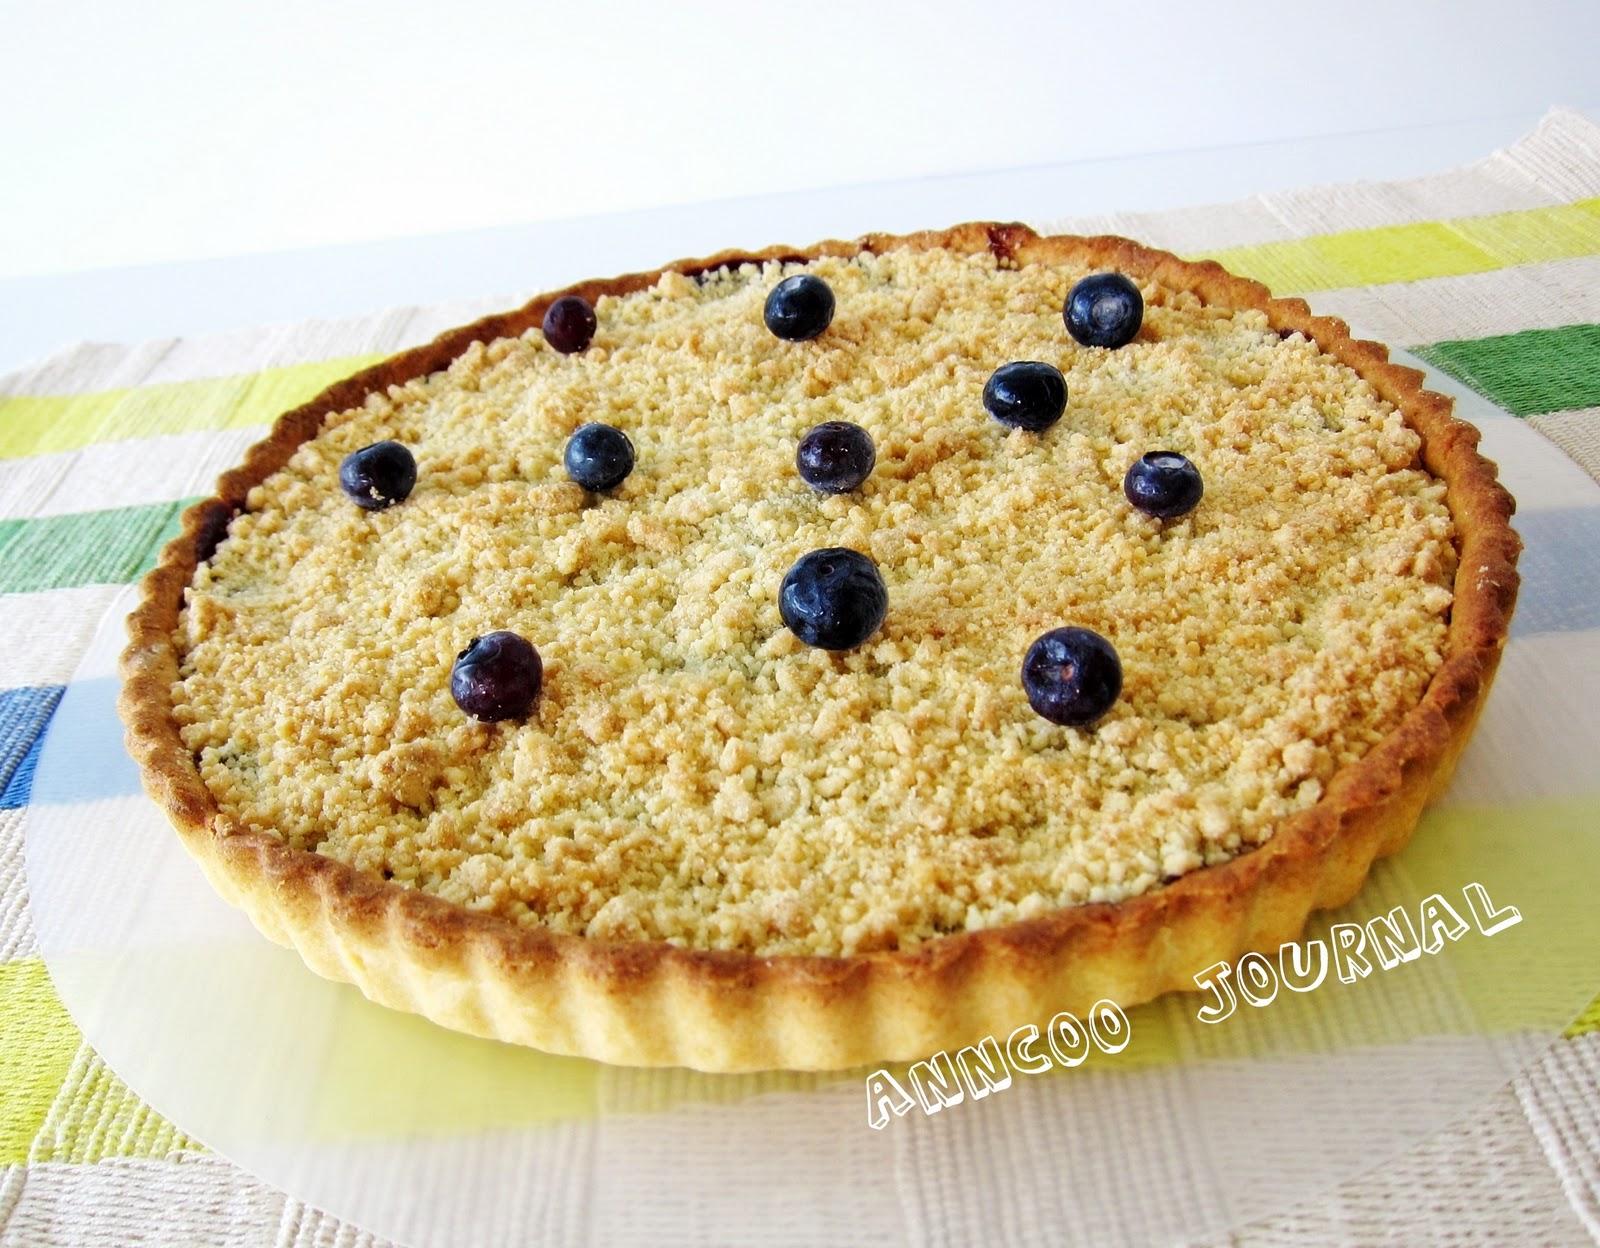 Blueberry Pie - Anncoo Journal